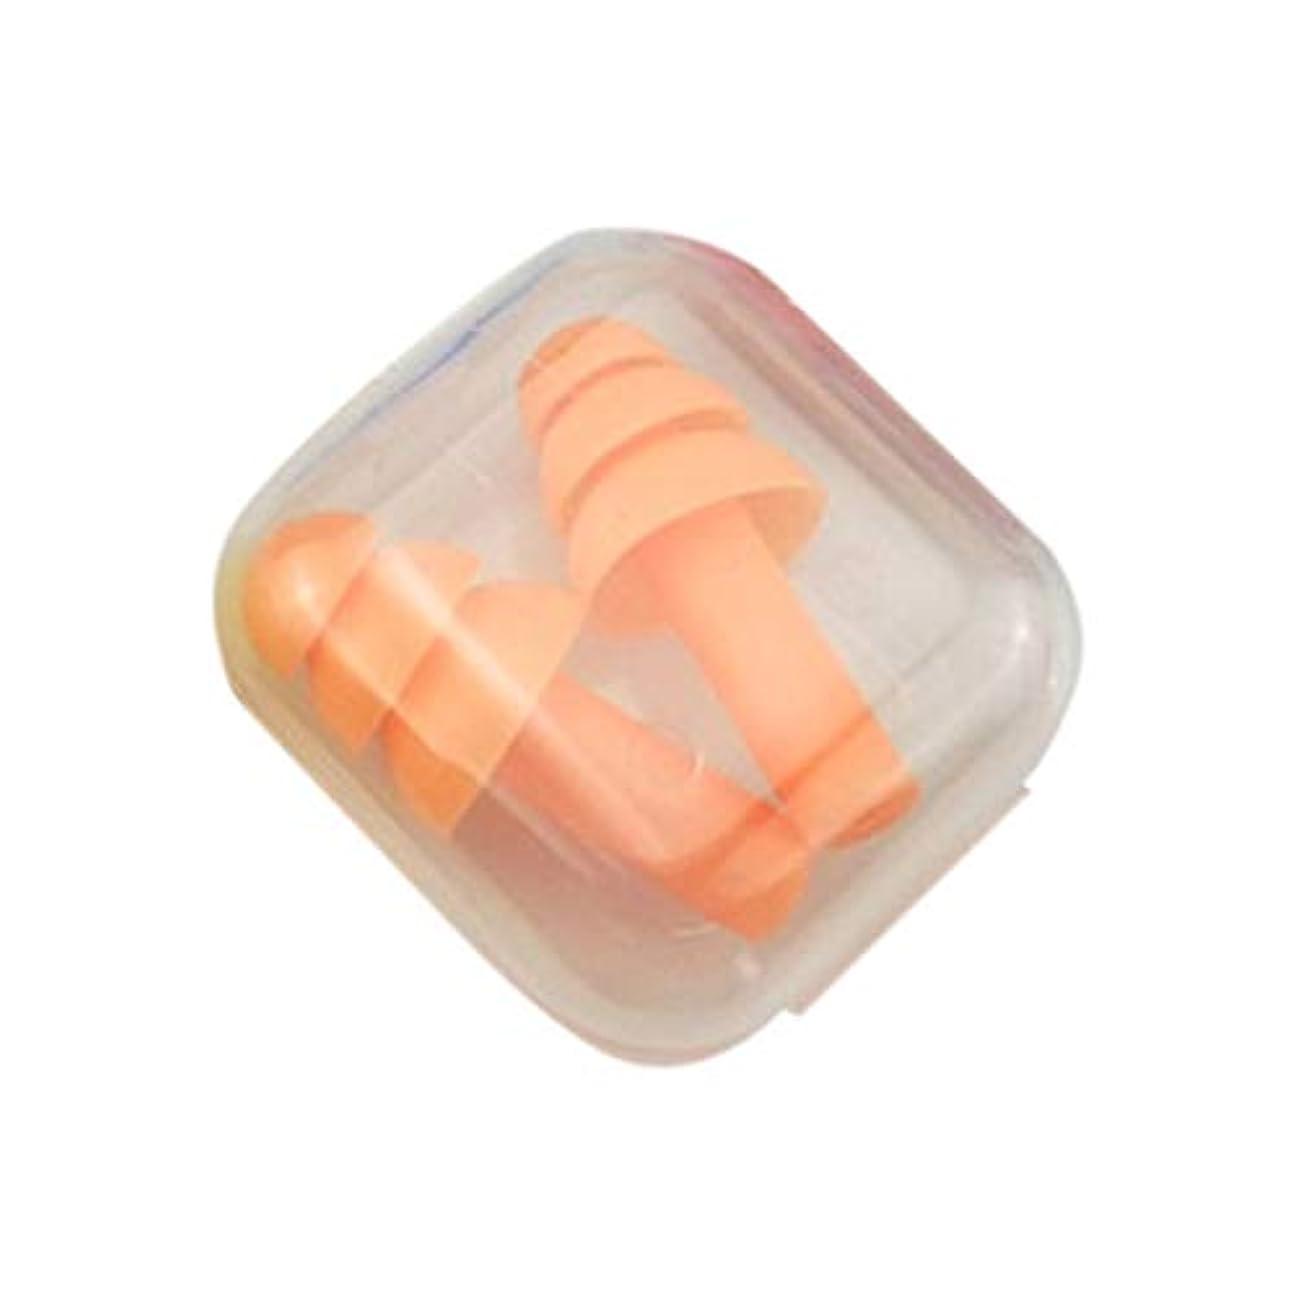 印象固有の不完全な柔らかいシリコーンの耳栓遮音用耳の保護用の耳栓防音睡眠ボックス付き収納ボックス - オレンジ